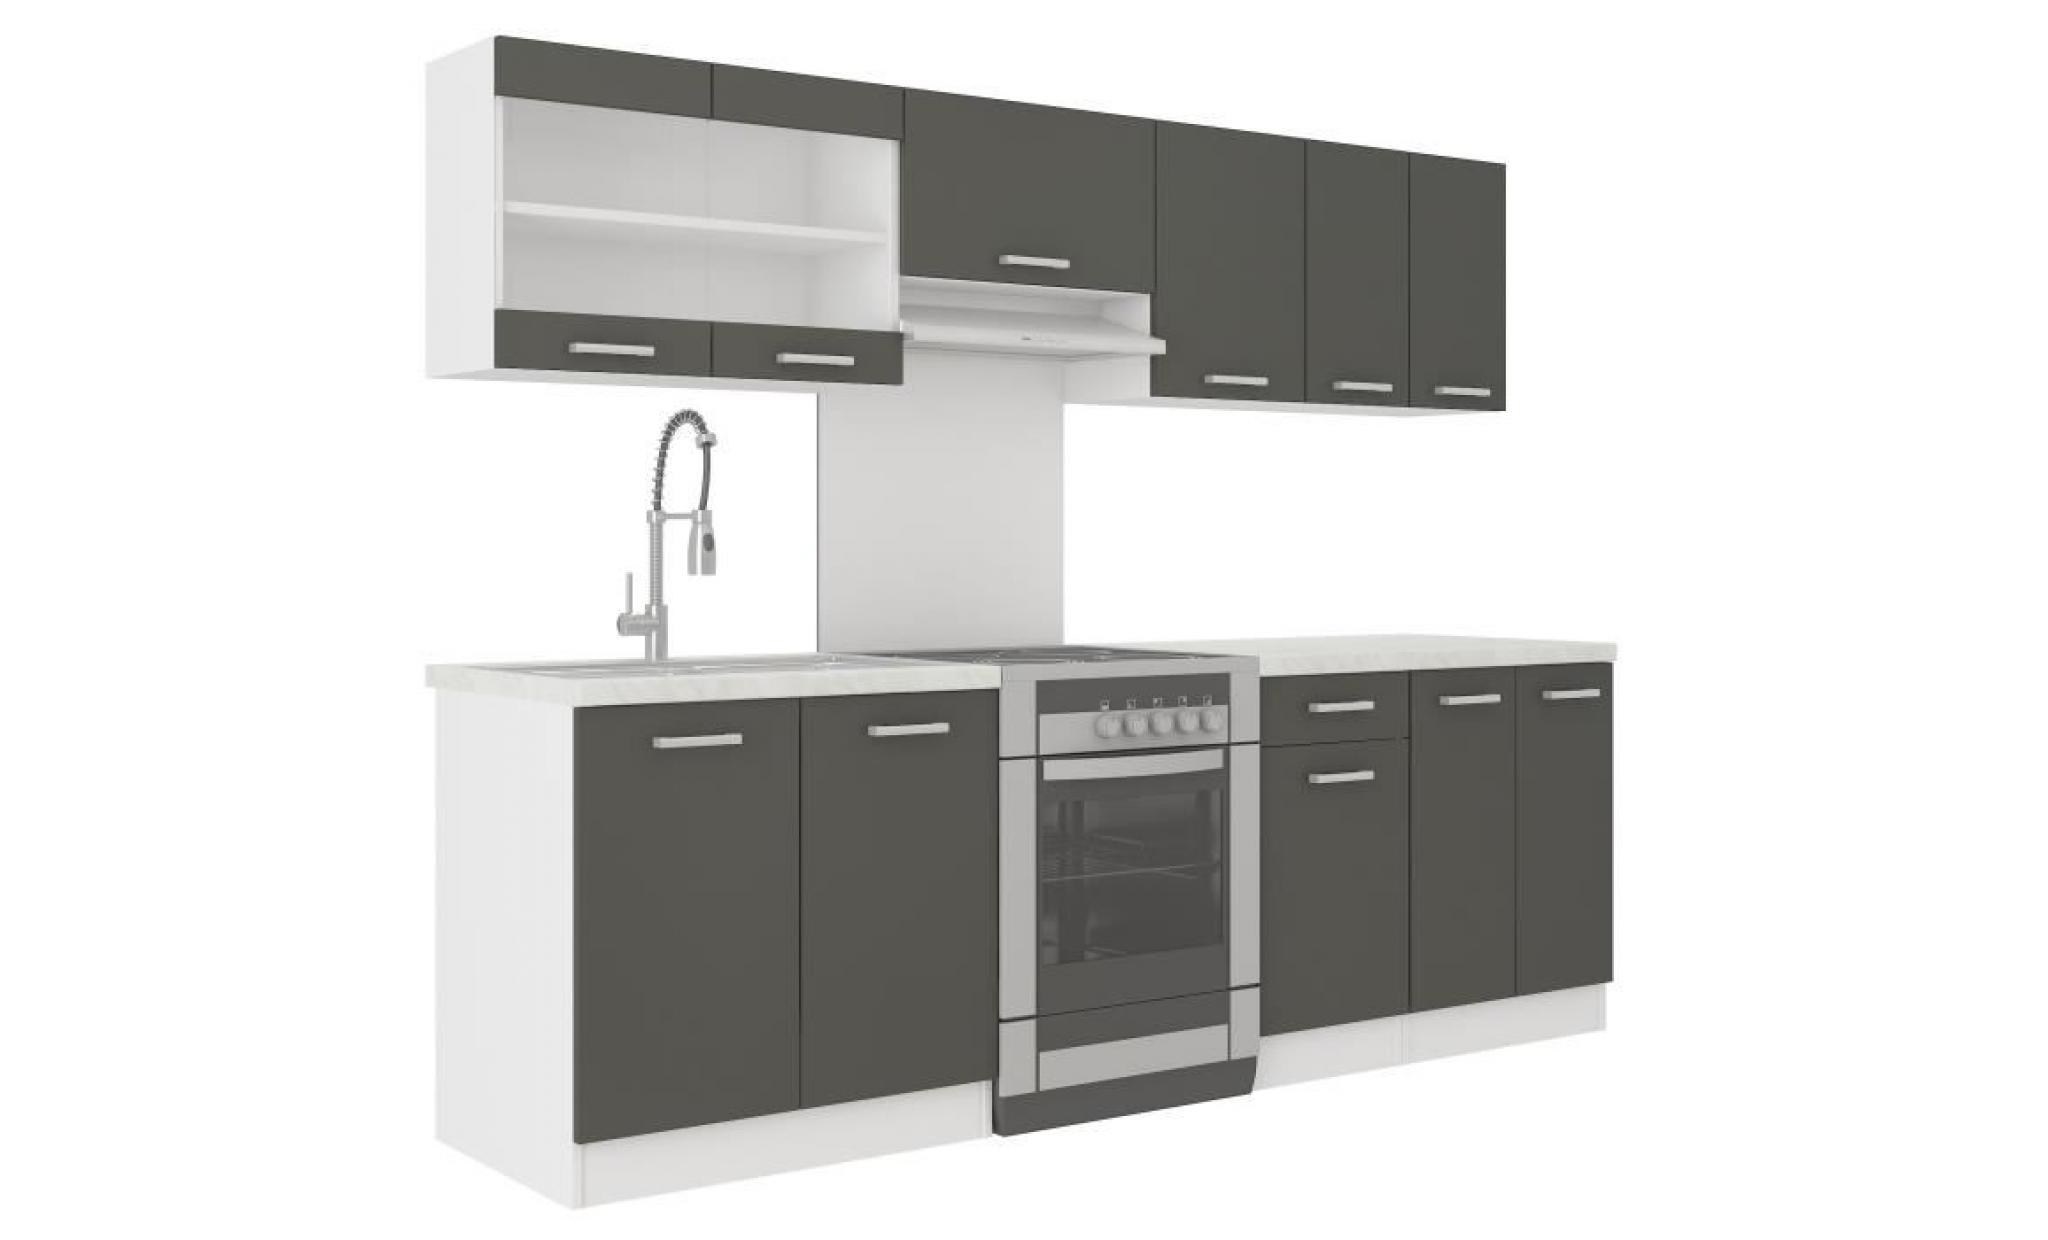 ultra cuisine complete avec plan de travail l 2m40 rouge mat achat vente cuisine complete pas cher couleur et design fr